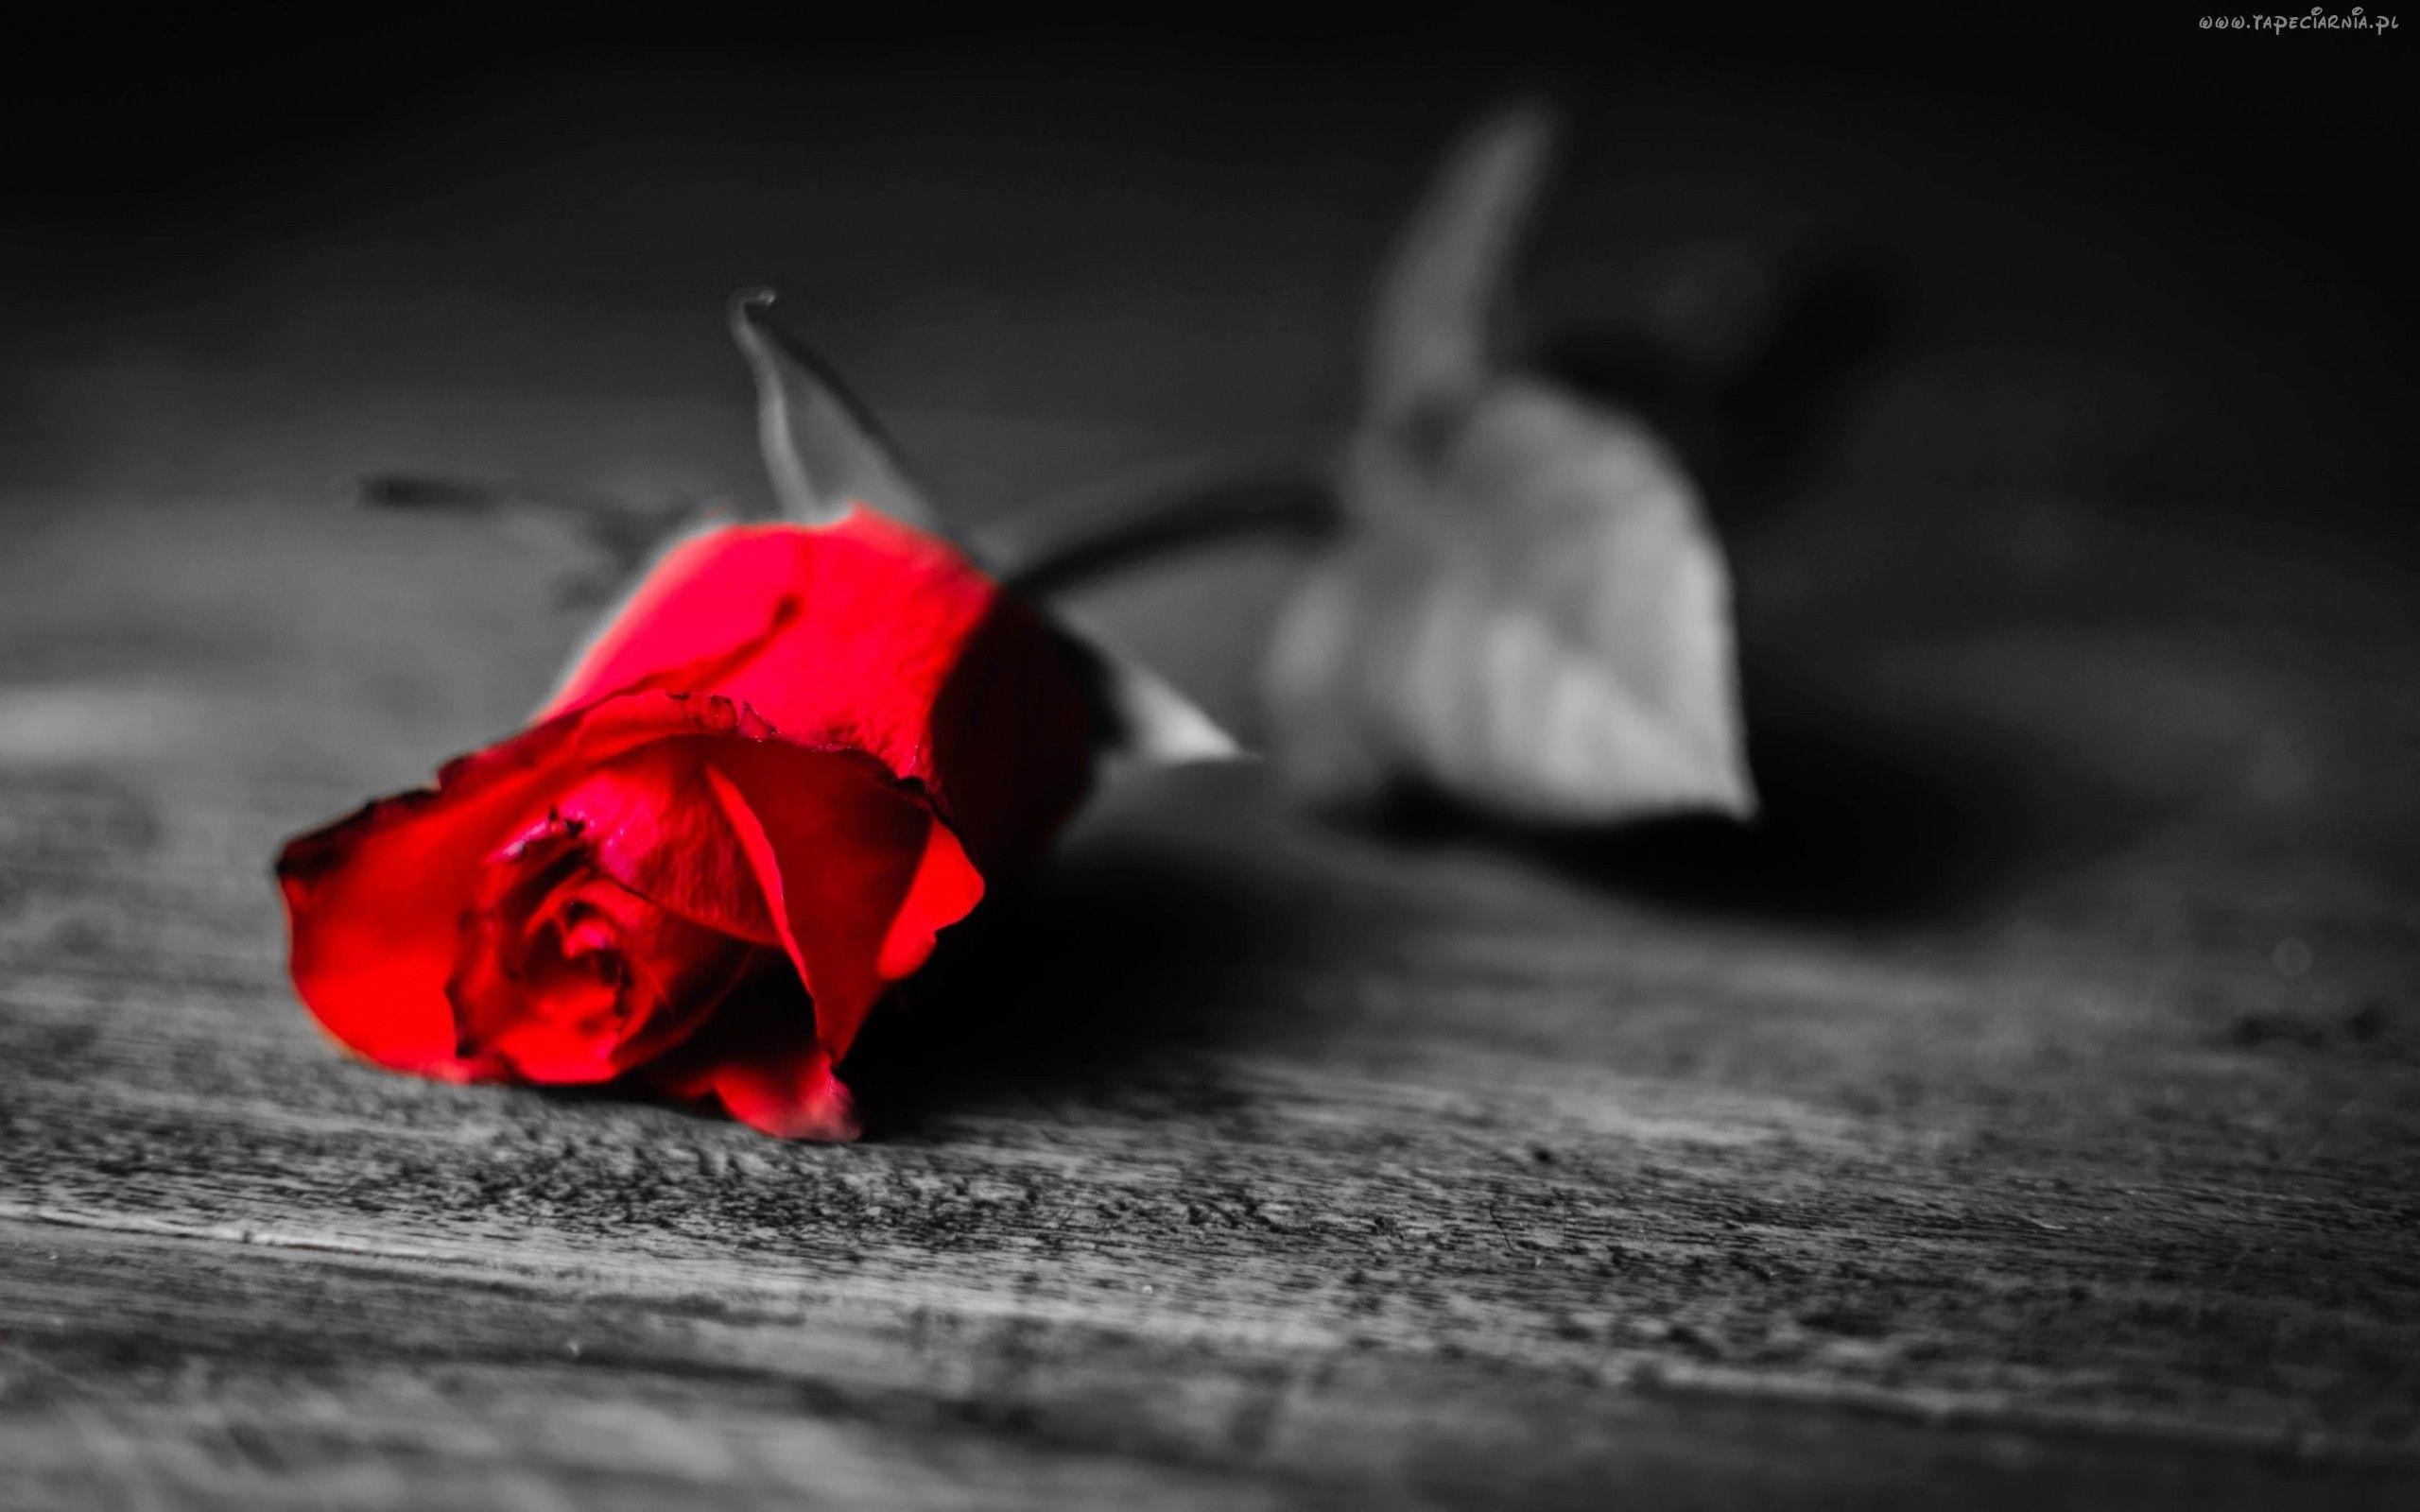 Edycja Tapety Samotna Czerwona Róża ławka Tapety I Zdjęcia